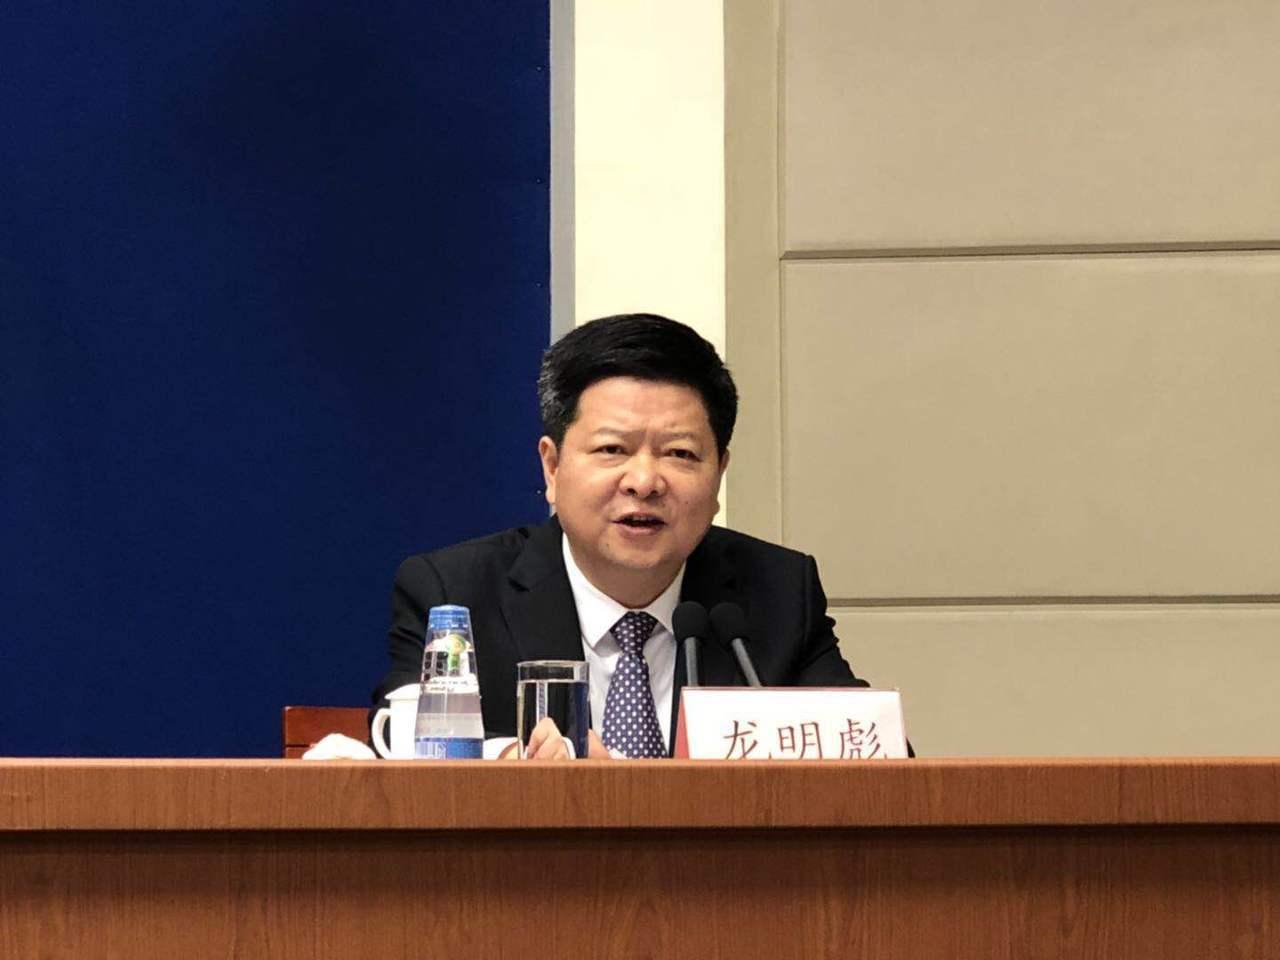 85度C風波延燒,大陸國台辦副主任龍明彪今天表示,歡迎台灣企業來大陸投資興業或發...